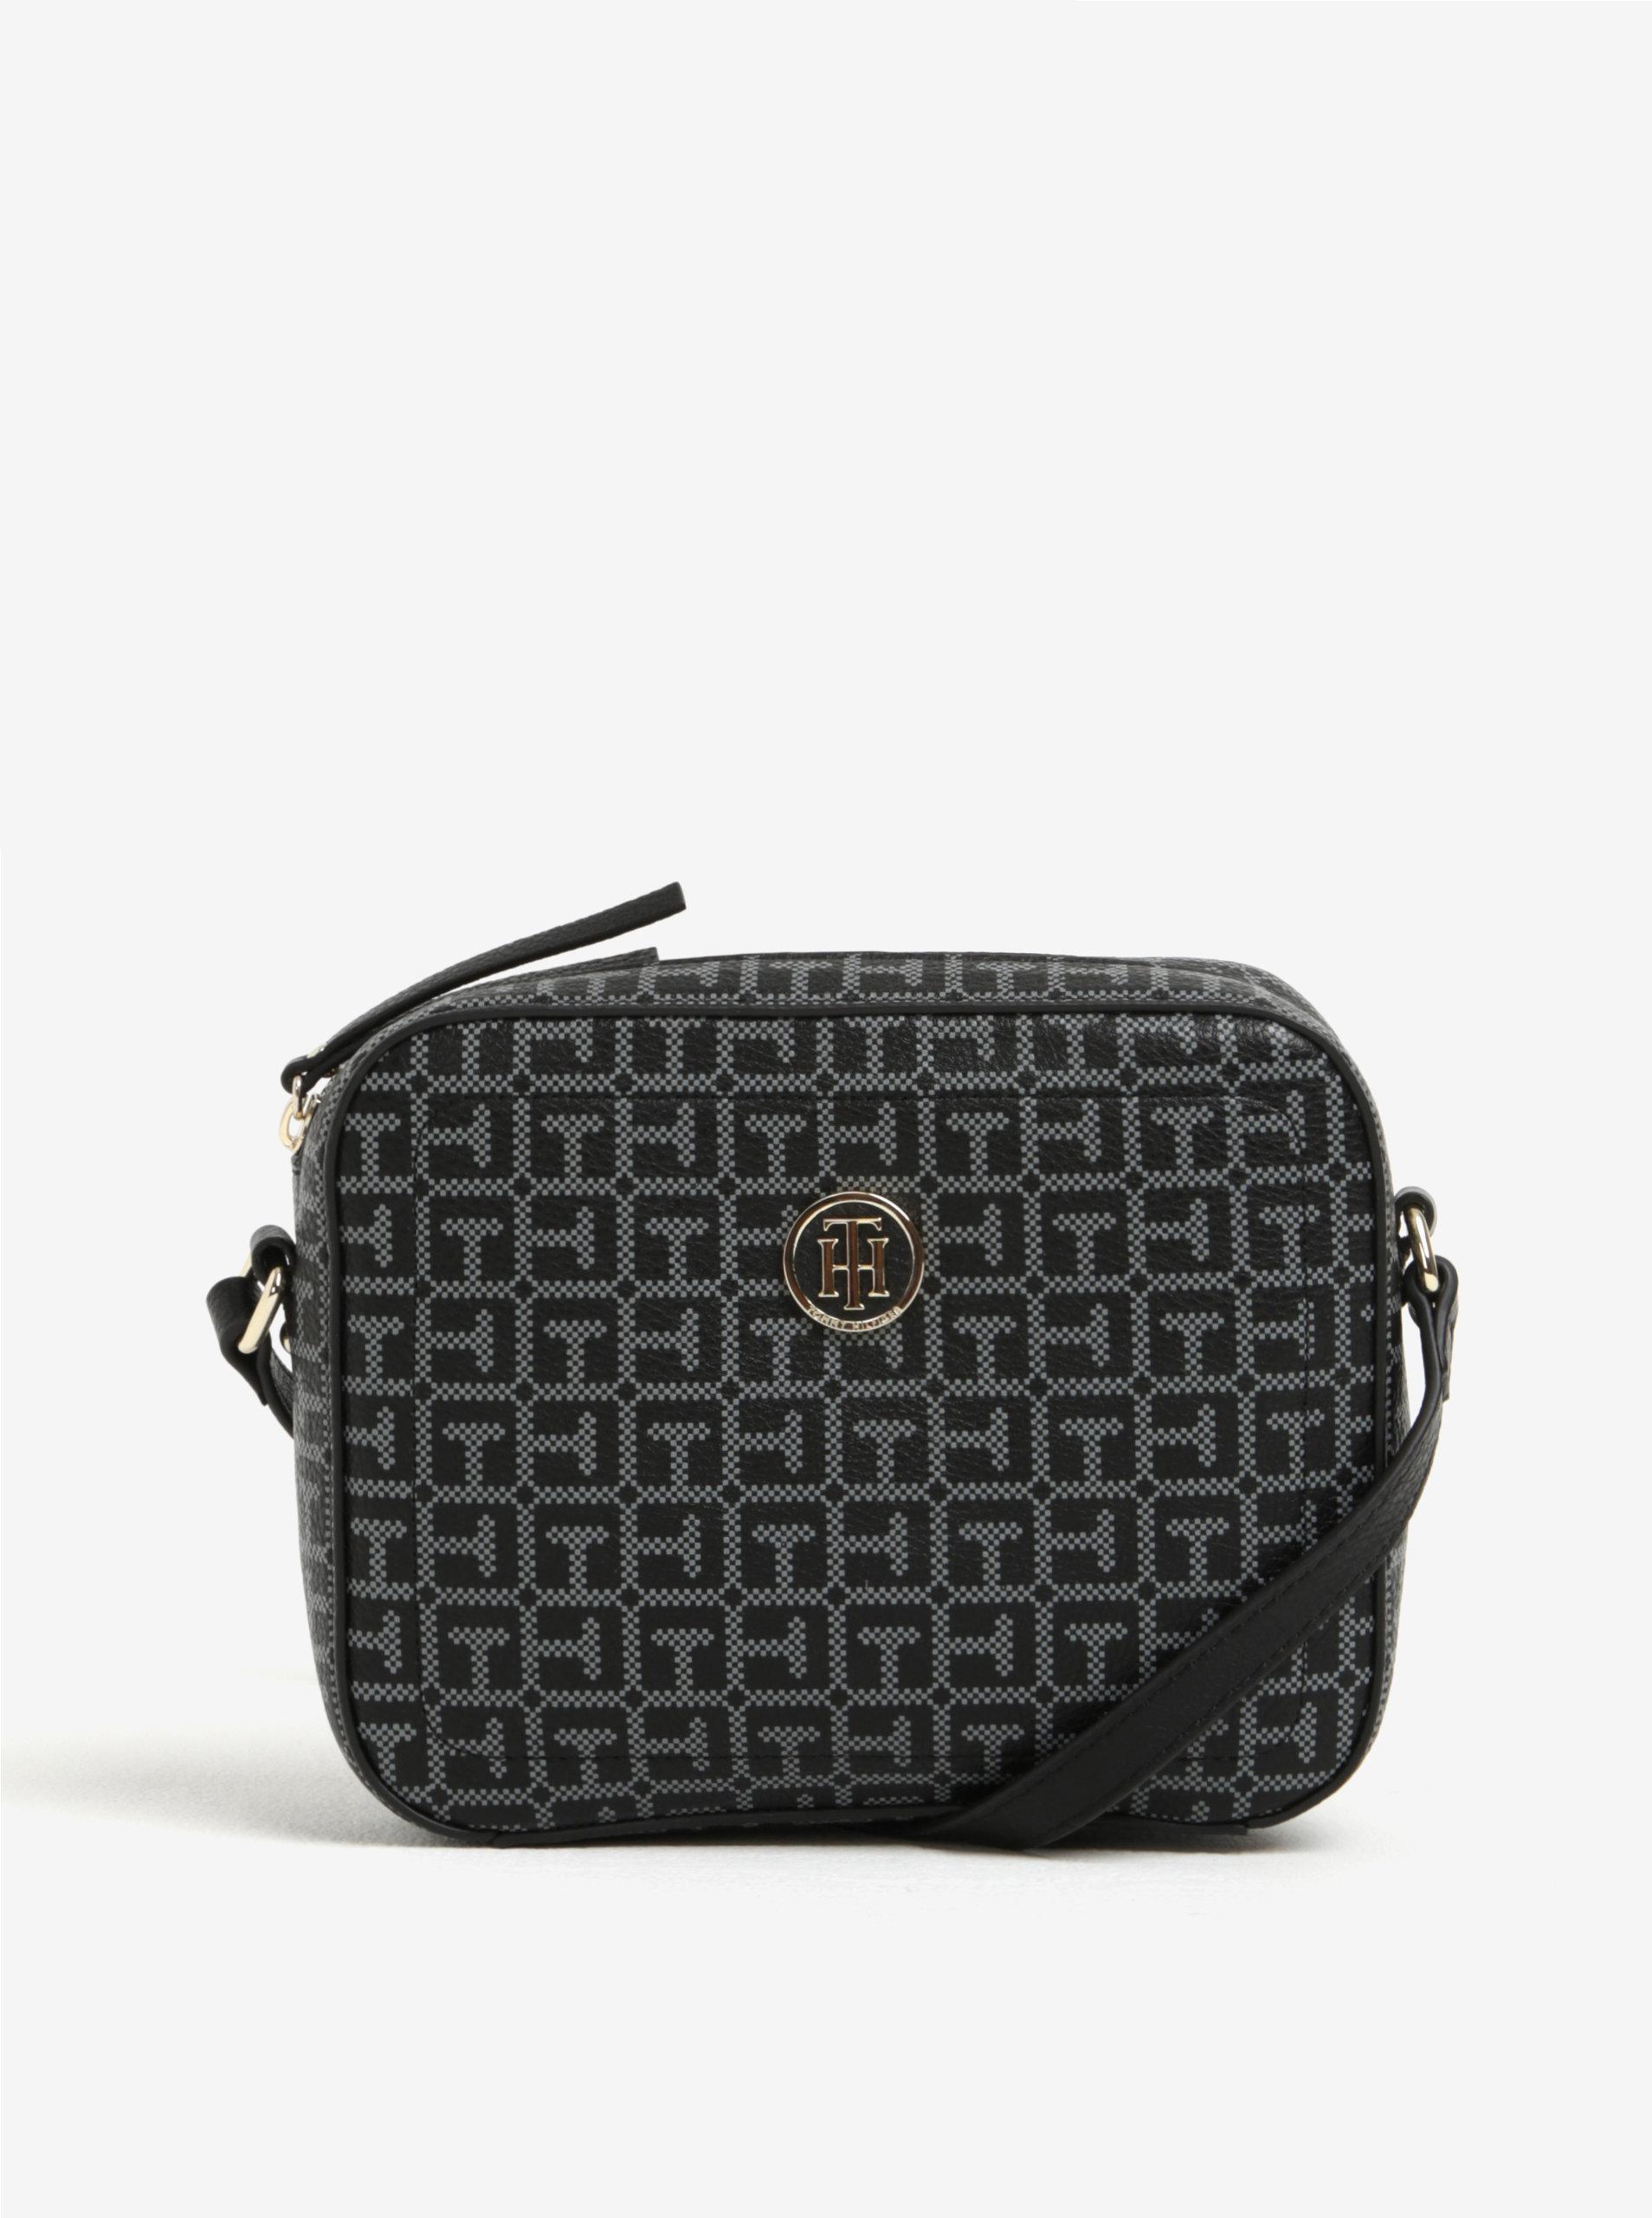 Sivo-čierna dámska vzorovaná crossbody kabelka Tommy Hilfiger ... ce1c5bd256